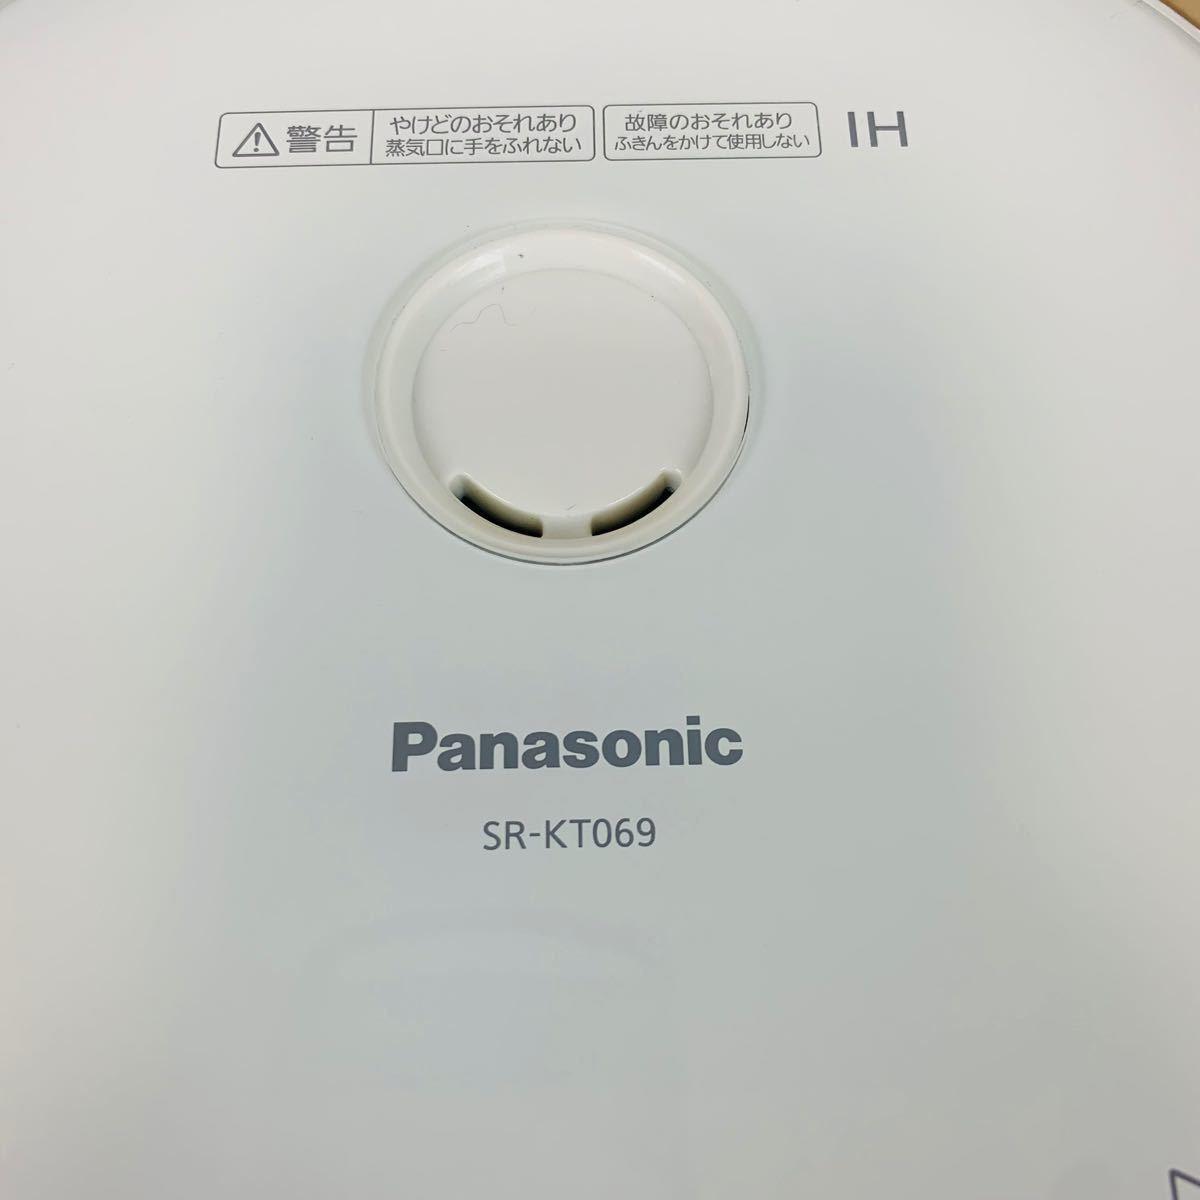 パナソニック 炊飯器 3.5合 IH式 備長炭釜 ホワイト SR-KT069-W